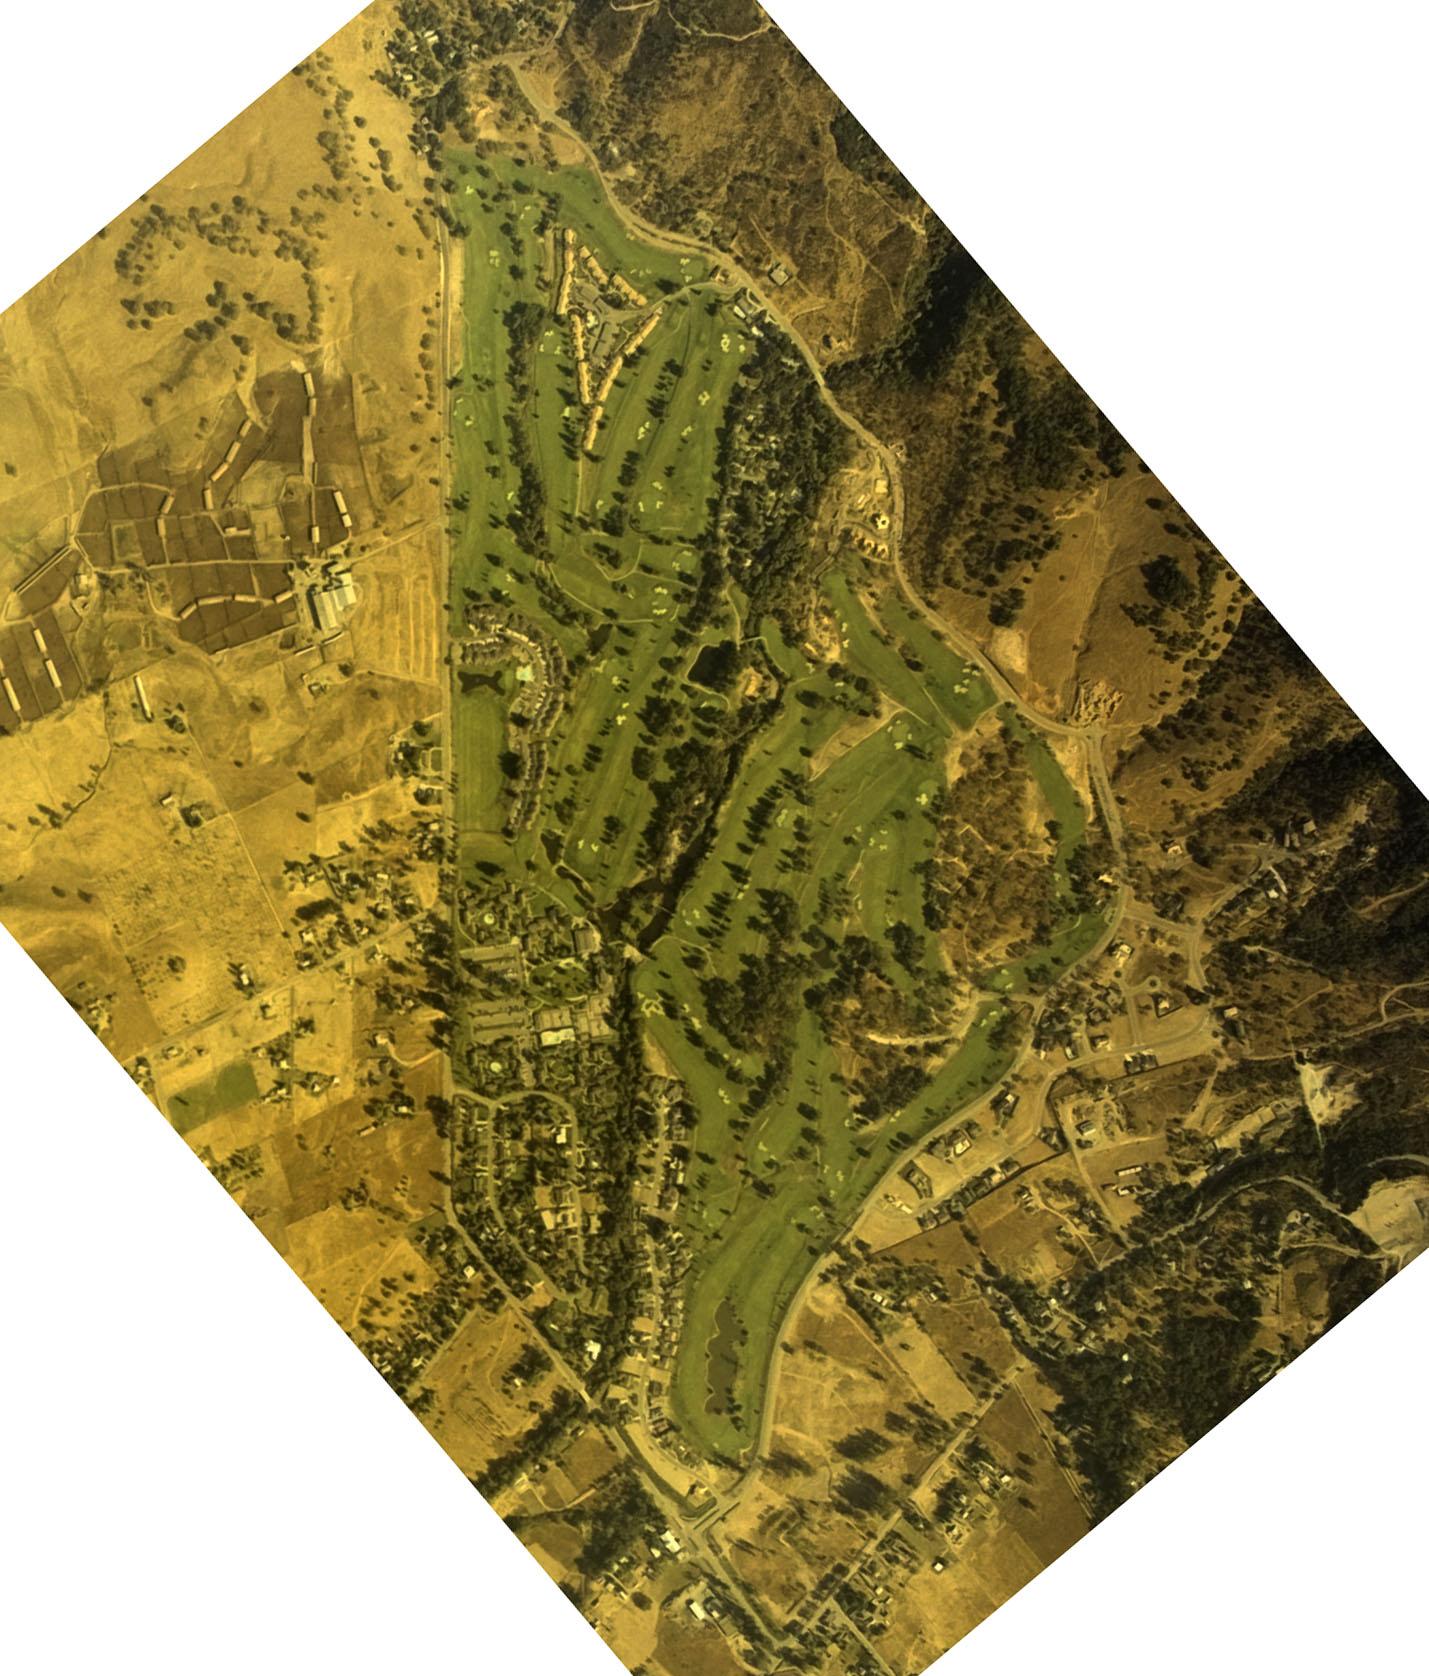 Silverado Country Club >> File Silverado Country Club 1973 Jpg Wikimedia Commons